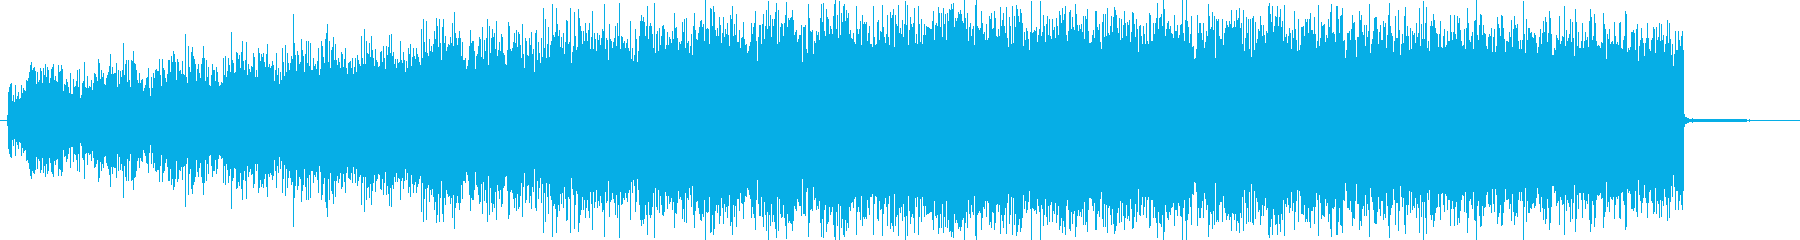 シュイーーン↑(チャージ音、溜め攻撃)の再生済みの波形